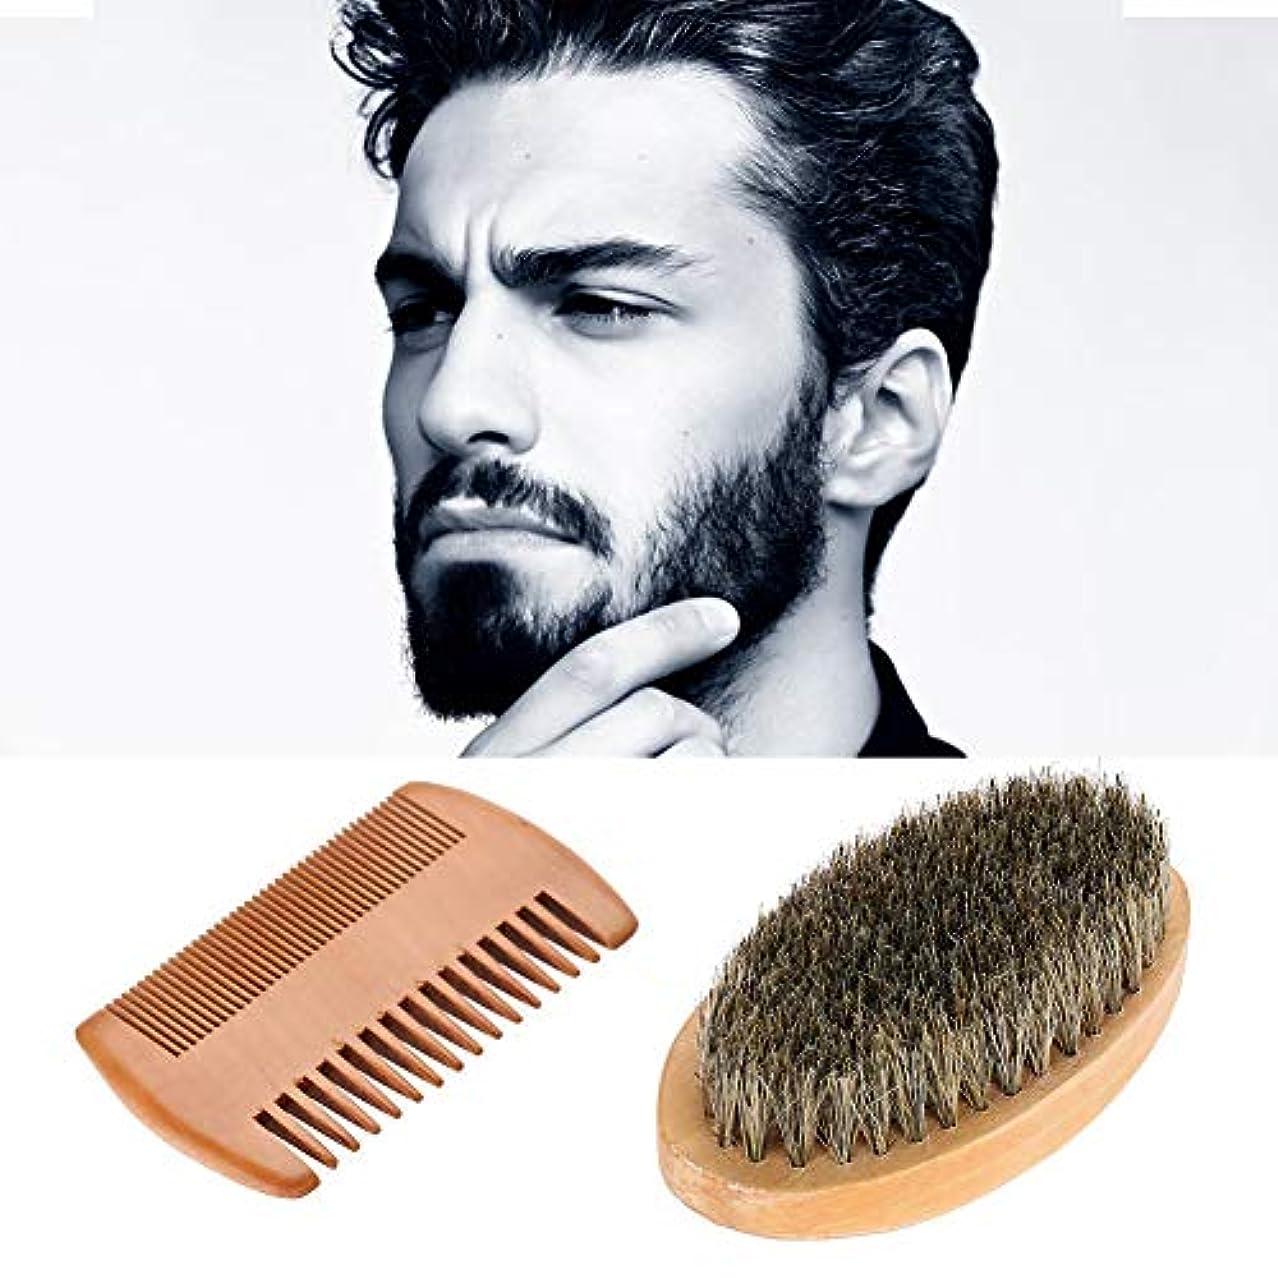 揺れる昼間飲み込む男性の楕円形の木製の楕円形のブラシ+ひげの毛の顔のクリーニングの手入れをするキットのための櫛